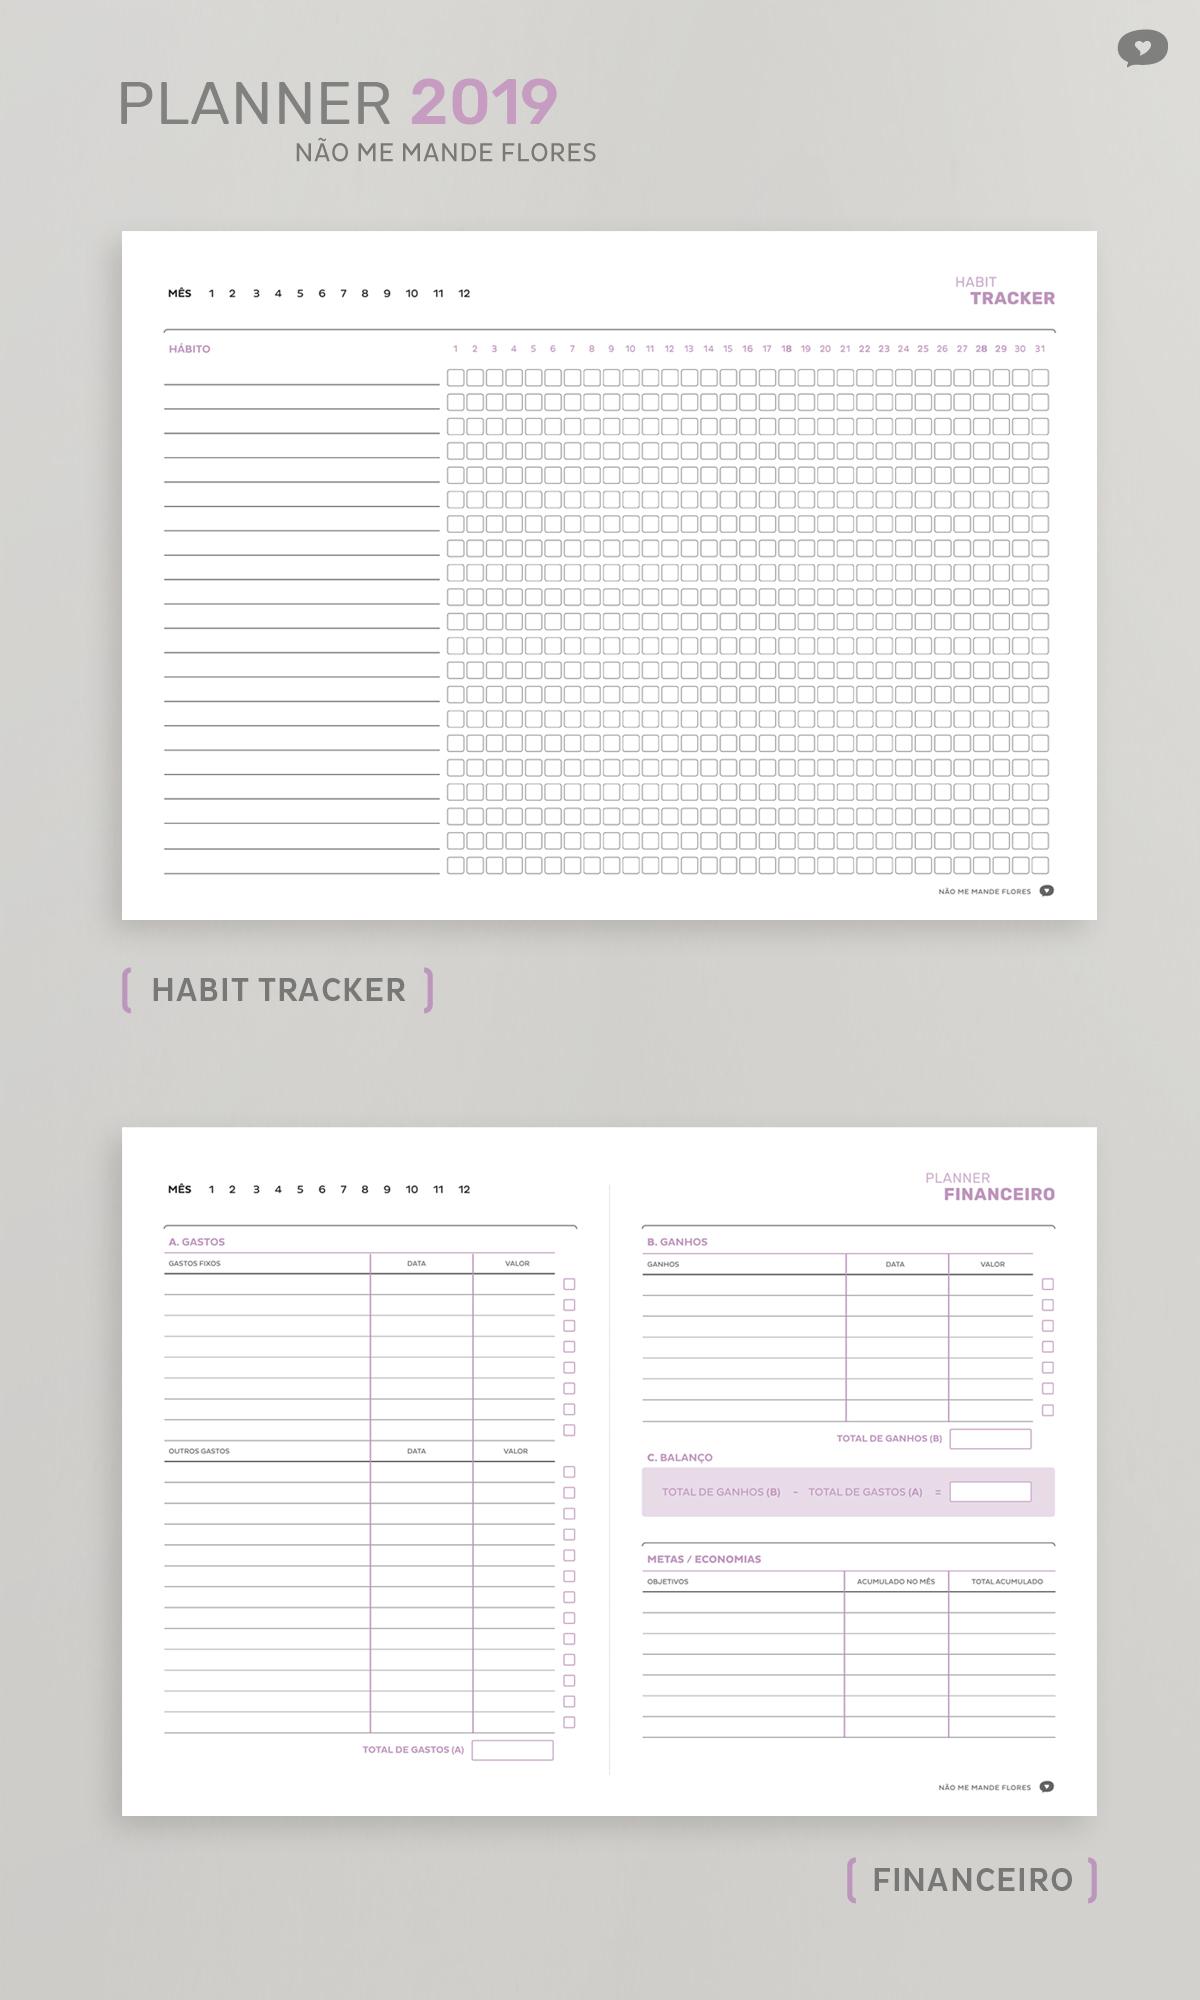 Planner Não Me Mande Flores 2019 - GRATUITO | Habit Tracker e Planner Financeiro - Download no blog